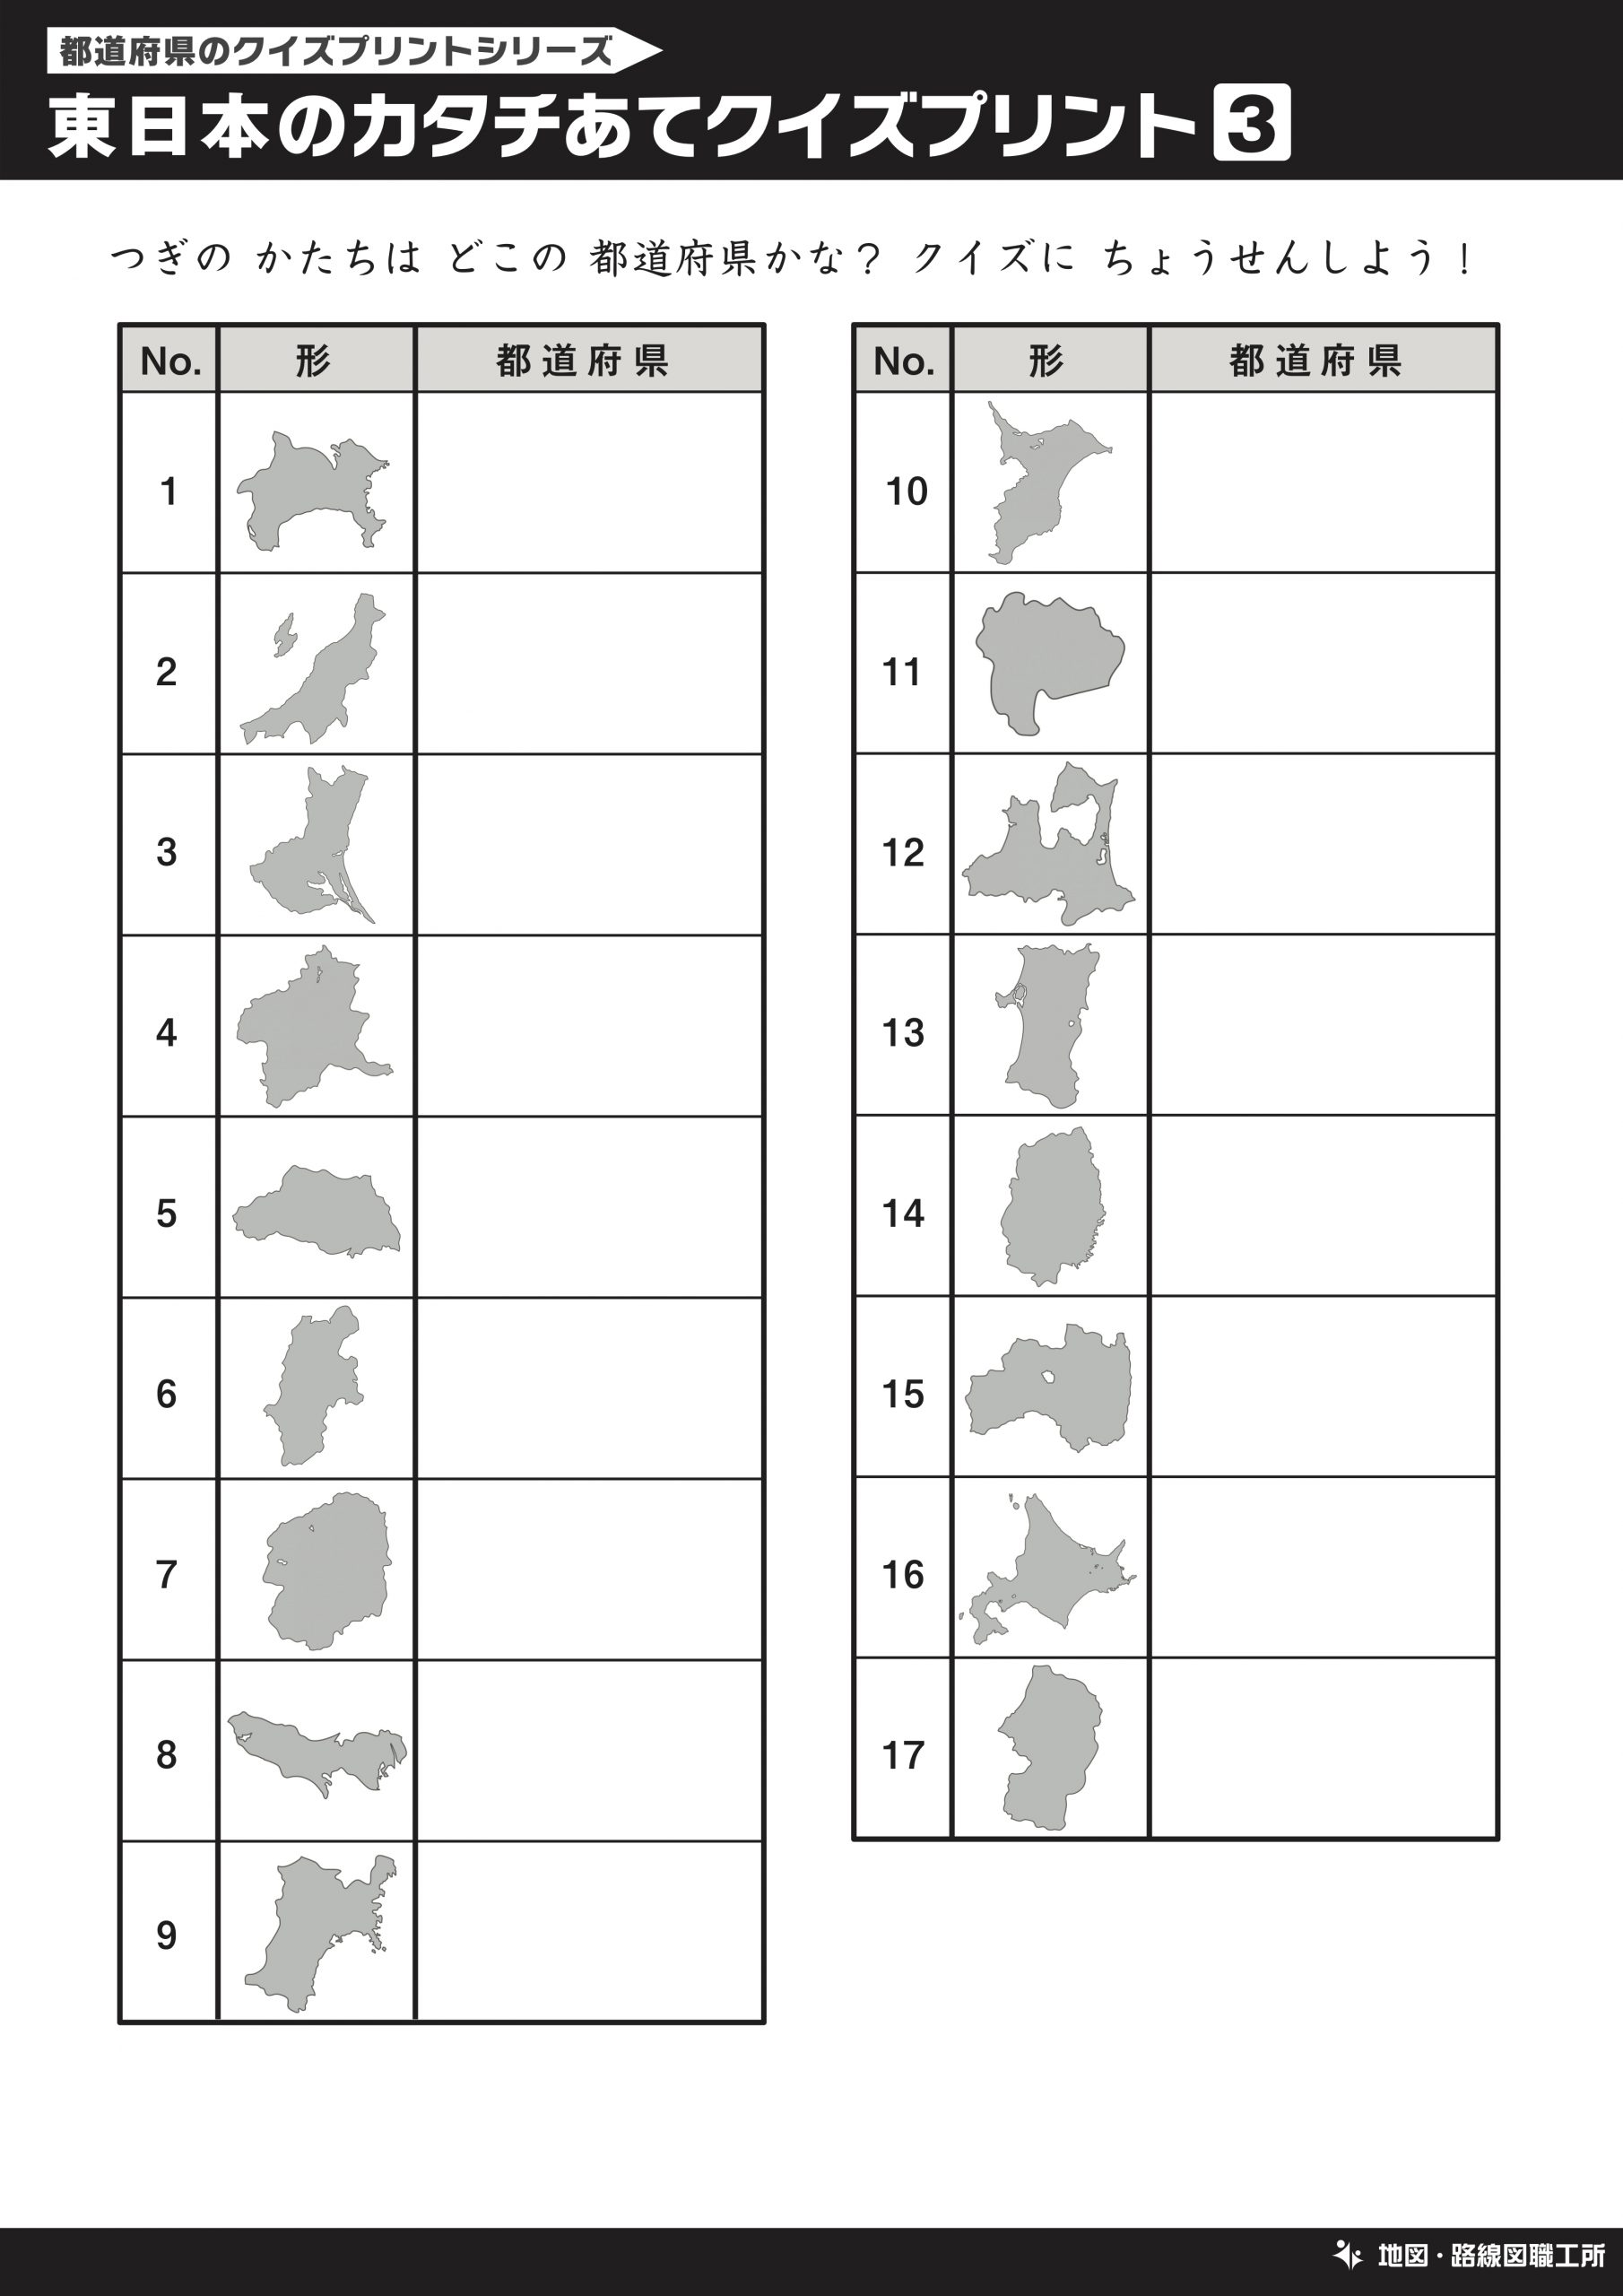 東日本のカタチあてクイズプリント 記入